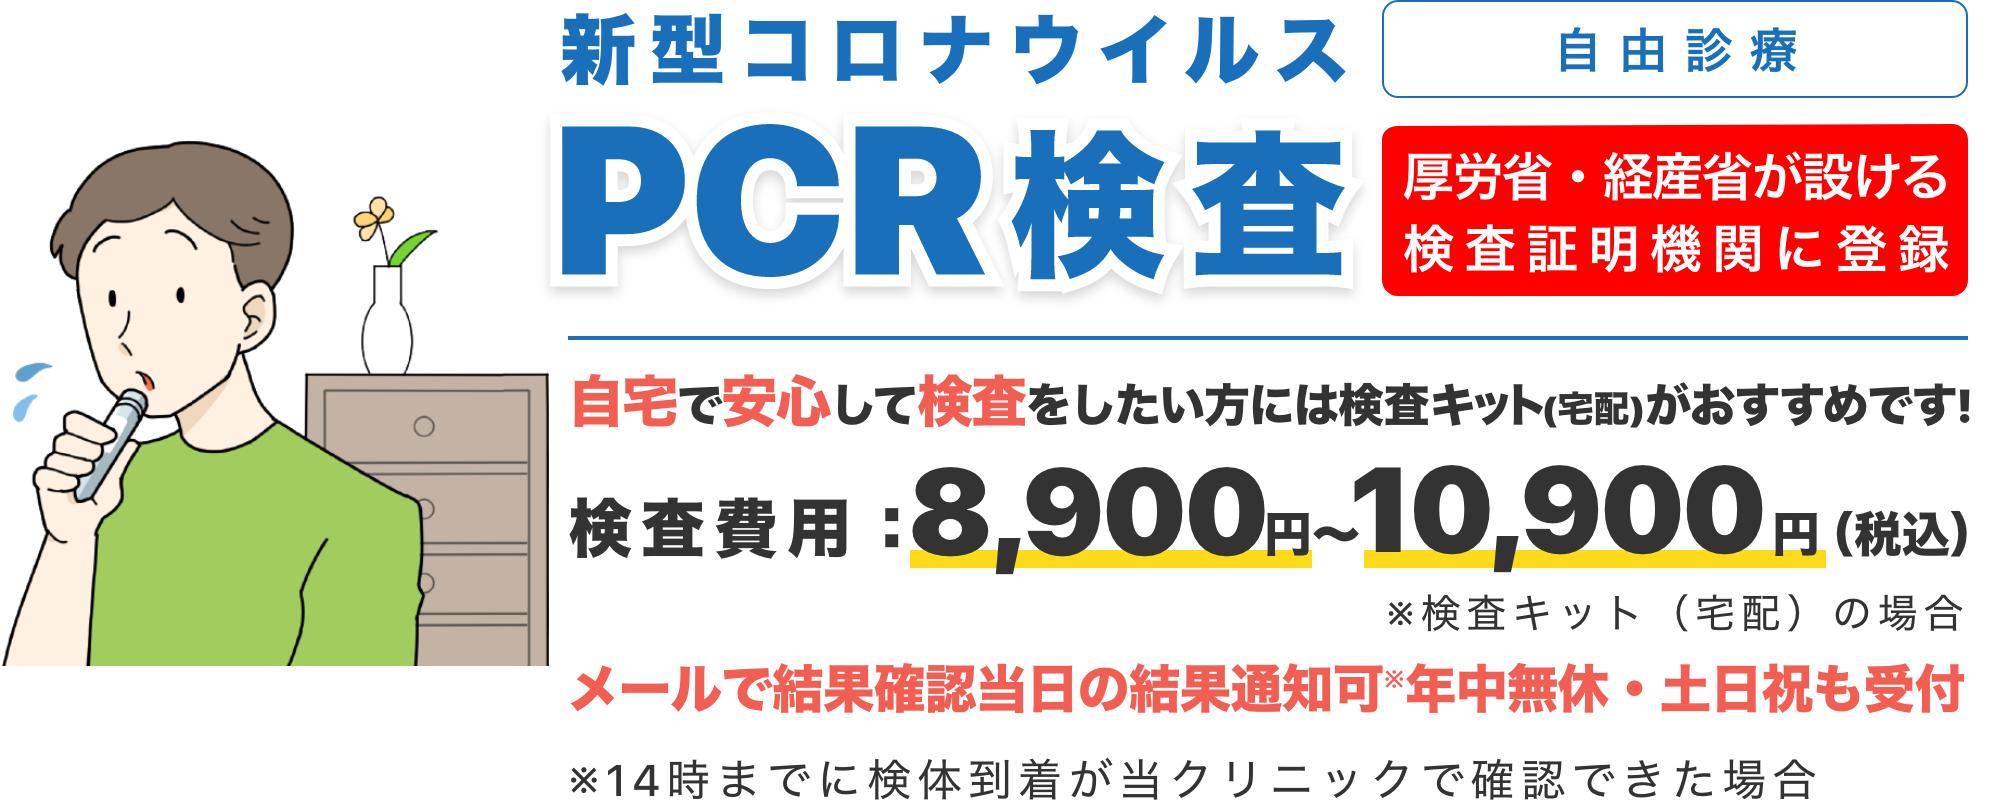 TケアクリニックPCR検査キット